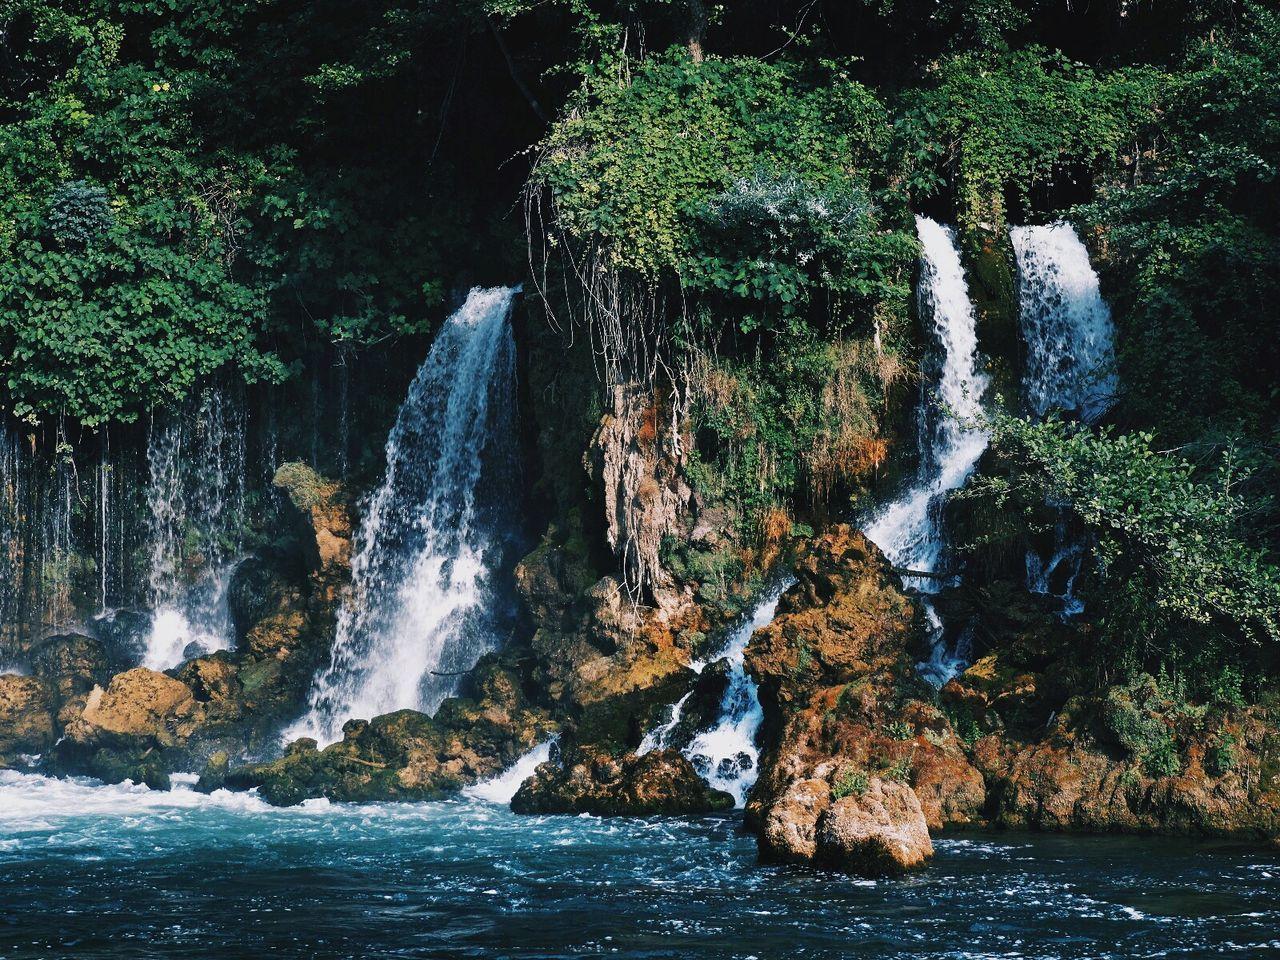 Motion Water Tree Outdoors Splashing Nature EyeEmNewHere Waterfall River Riverside Krka Krka National Park